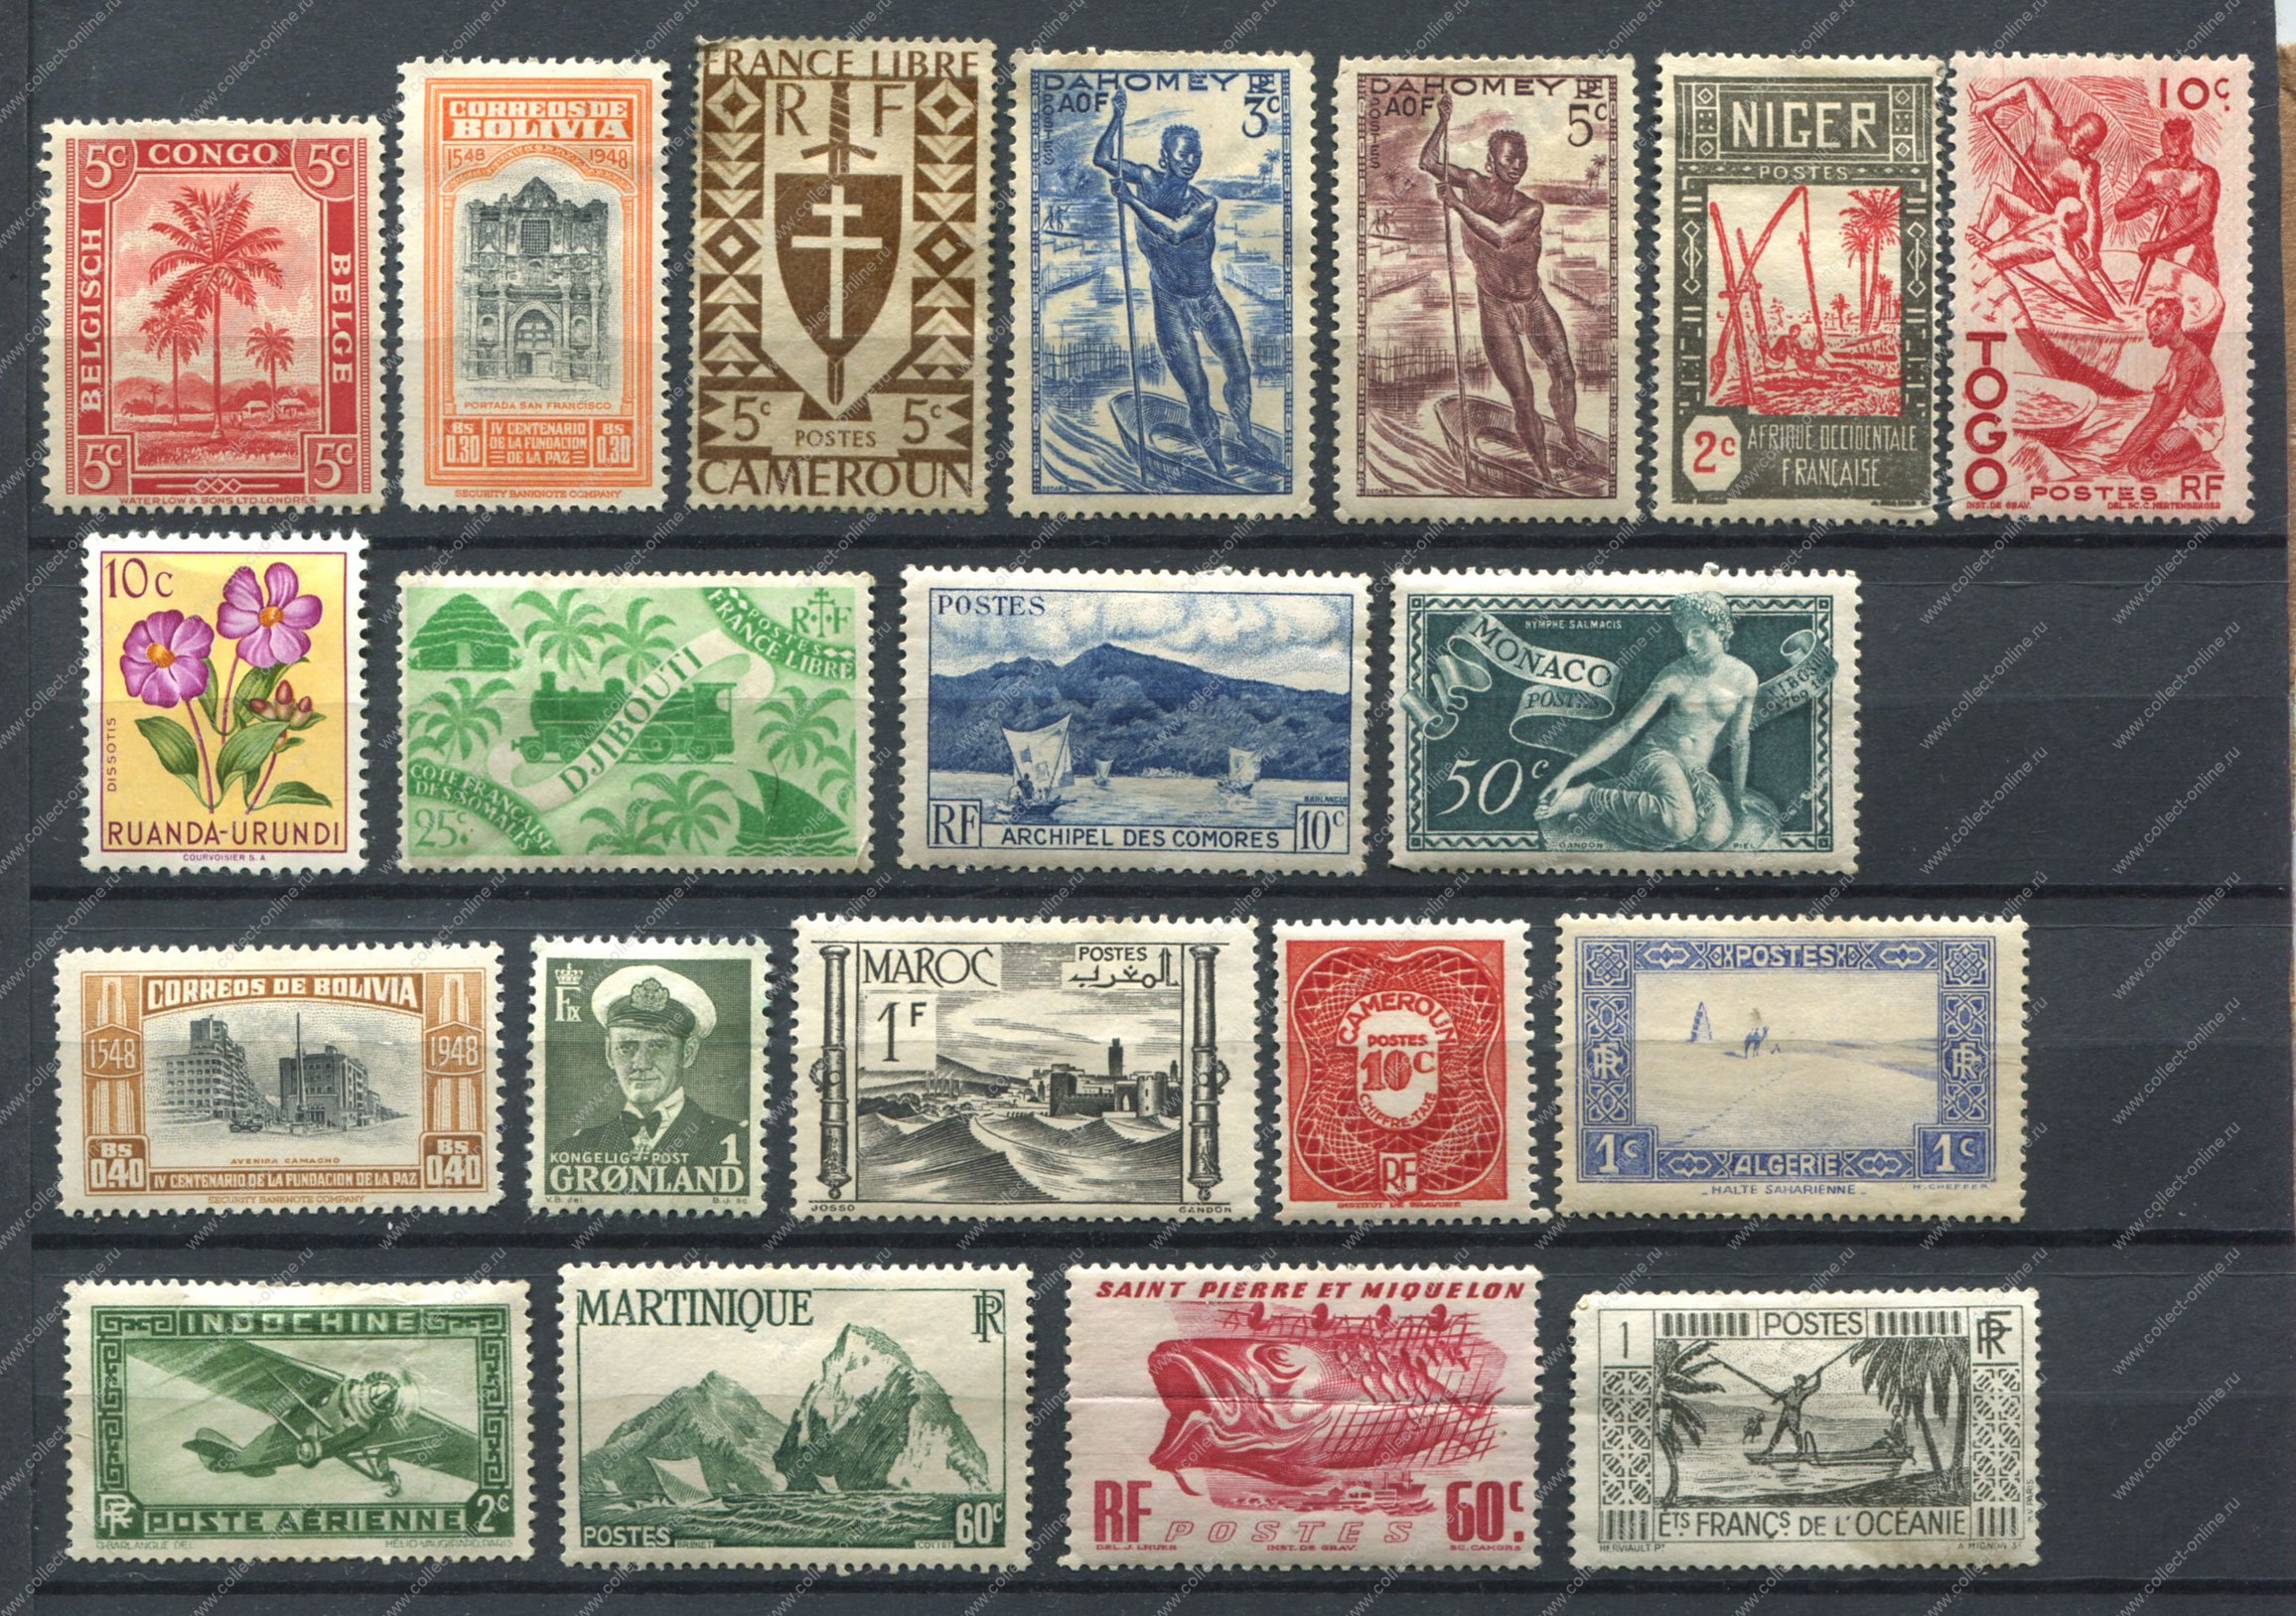 путешествие, наборы марок фото праву считается одним